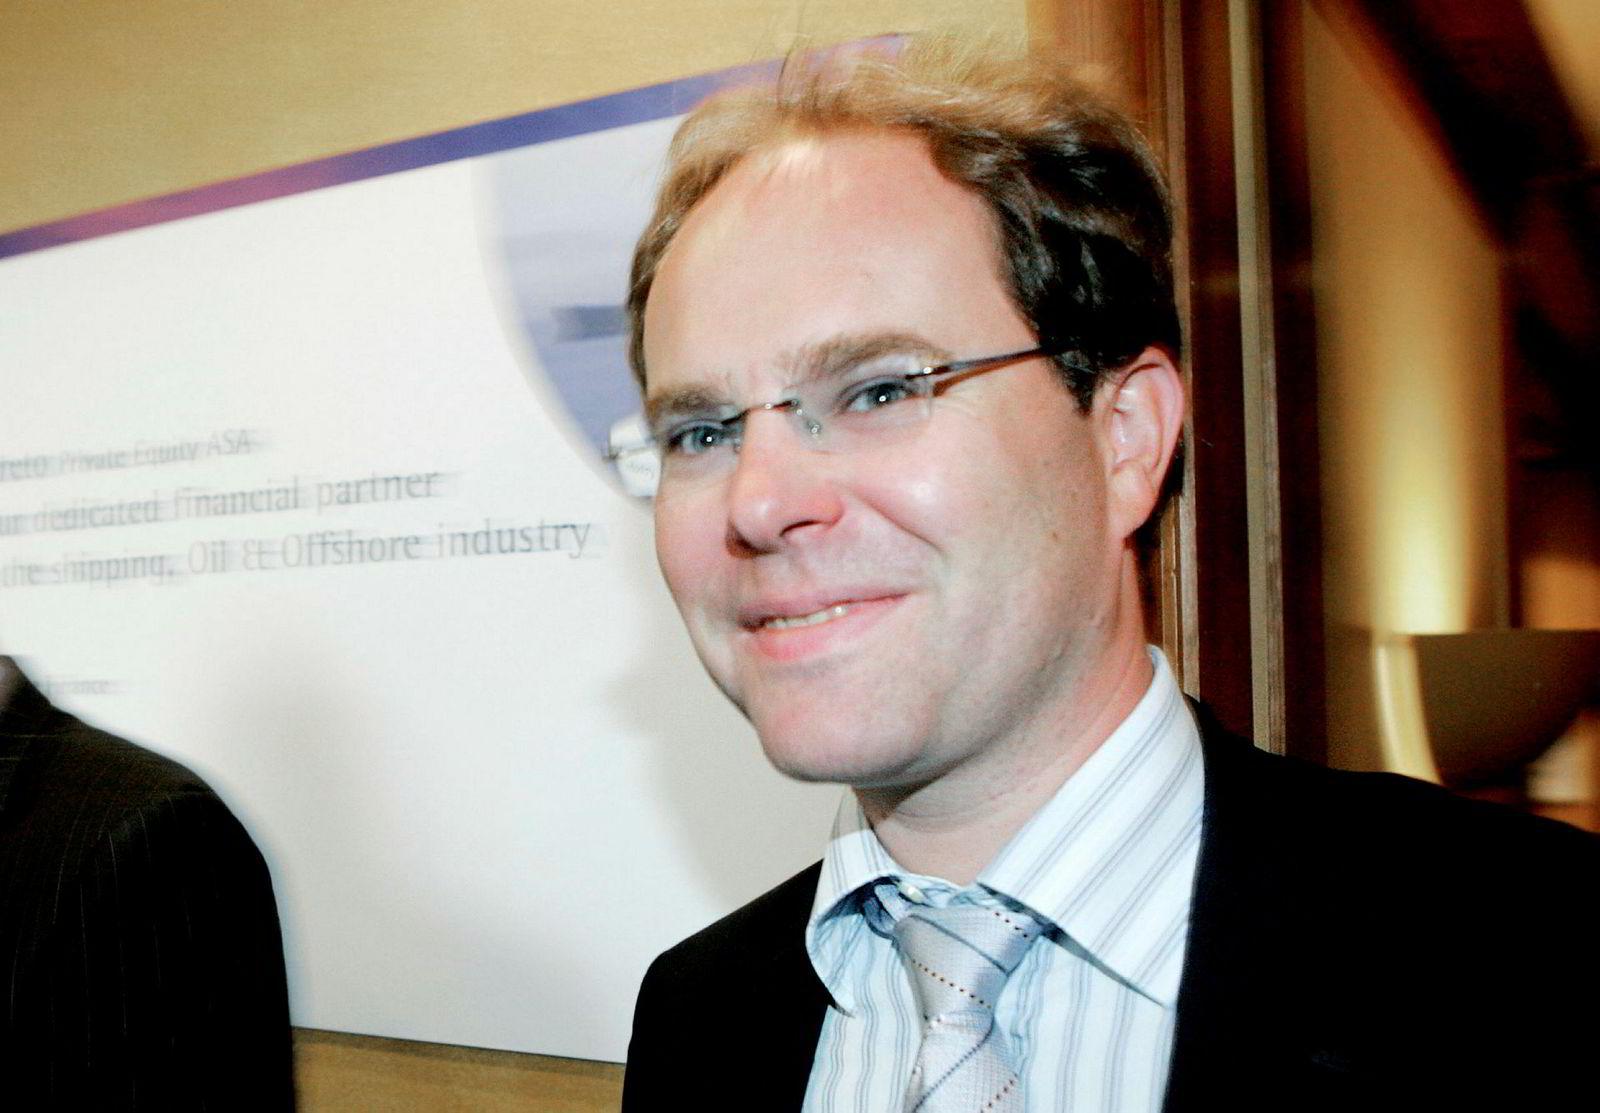 Tidligere aksjemegler i Pareto, Kjetil Sjursen, meglet de omstridte aksjepostene i Crew.